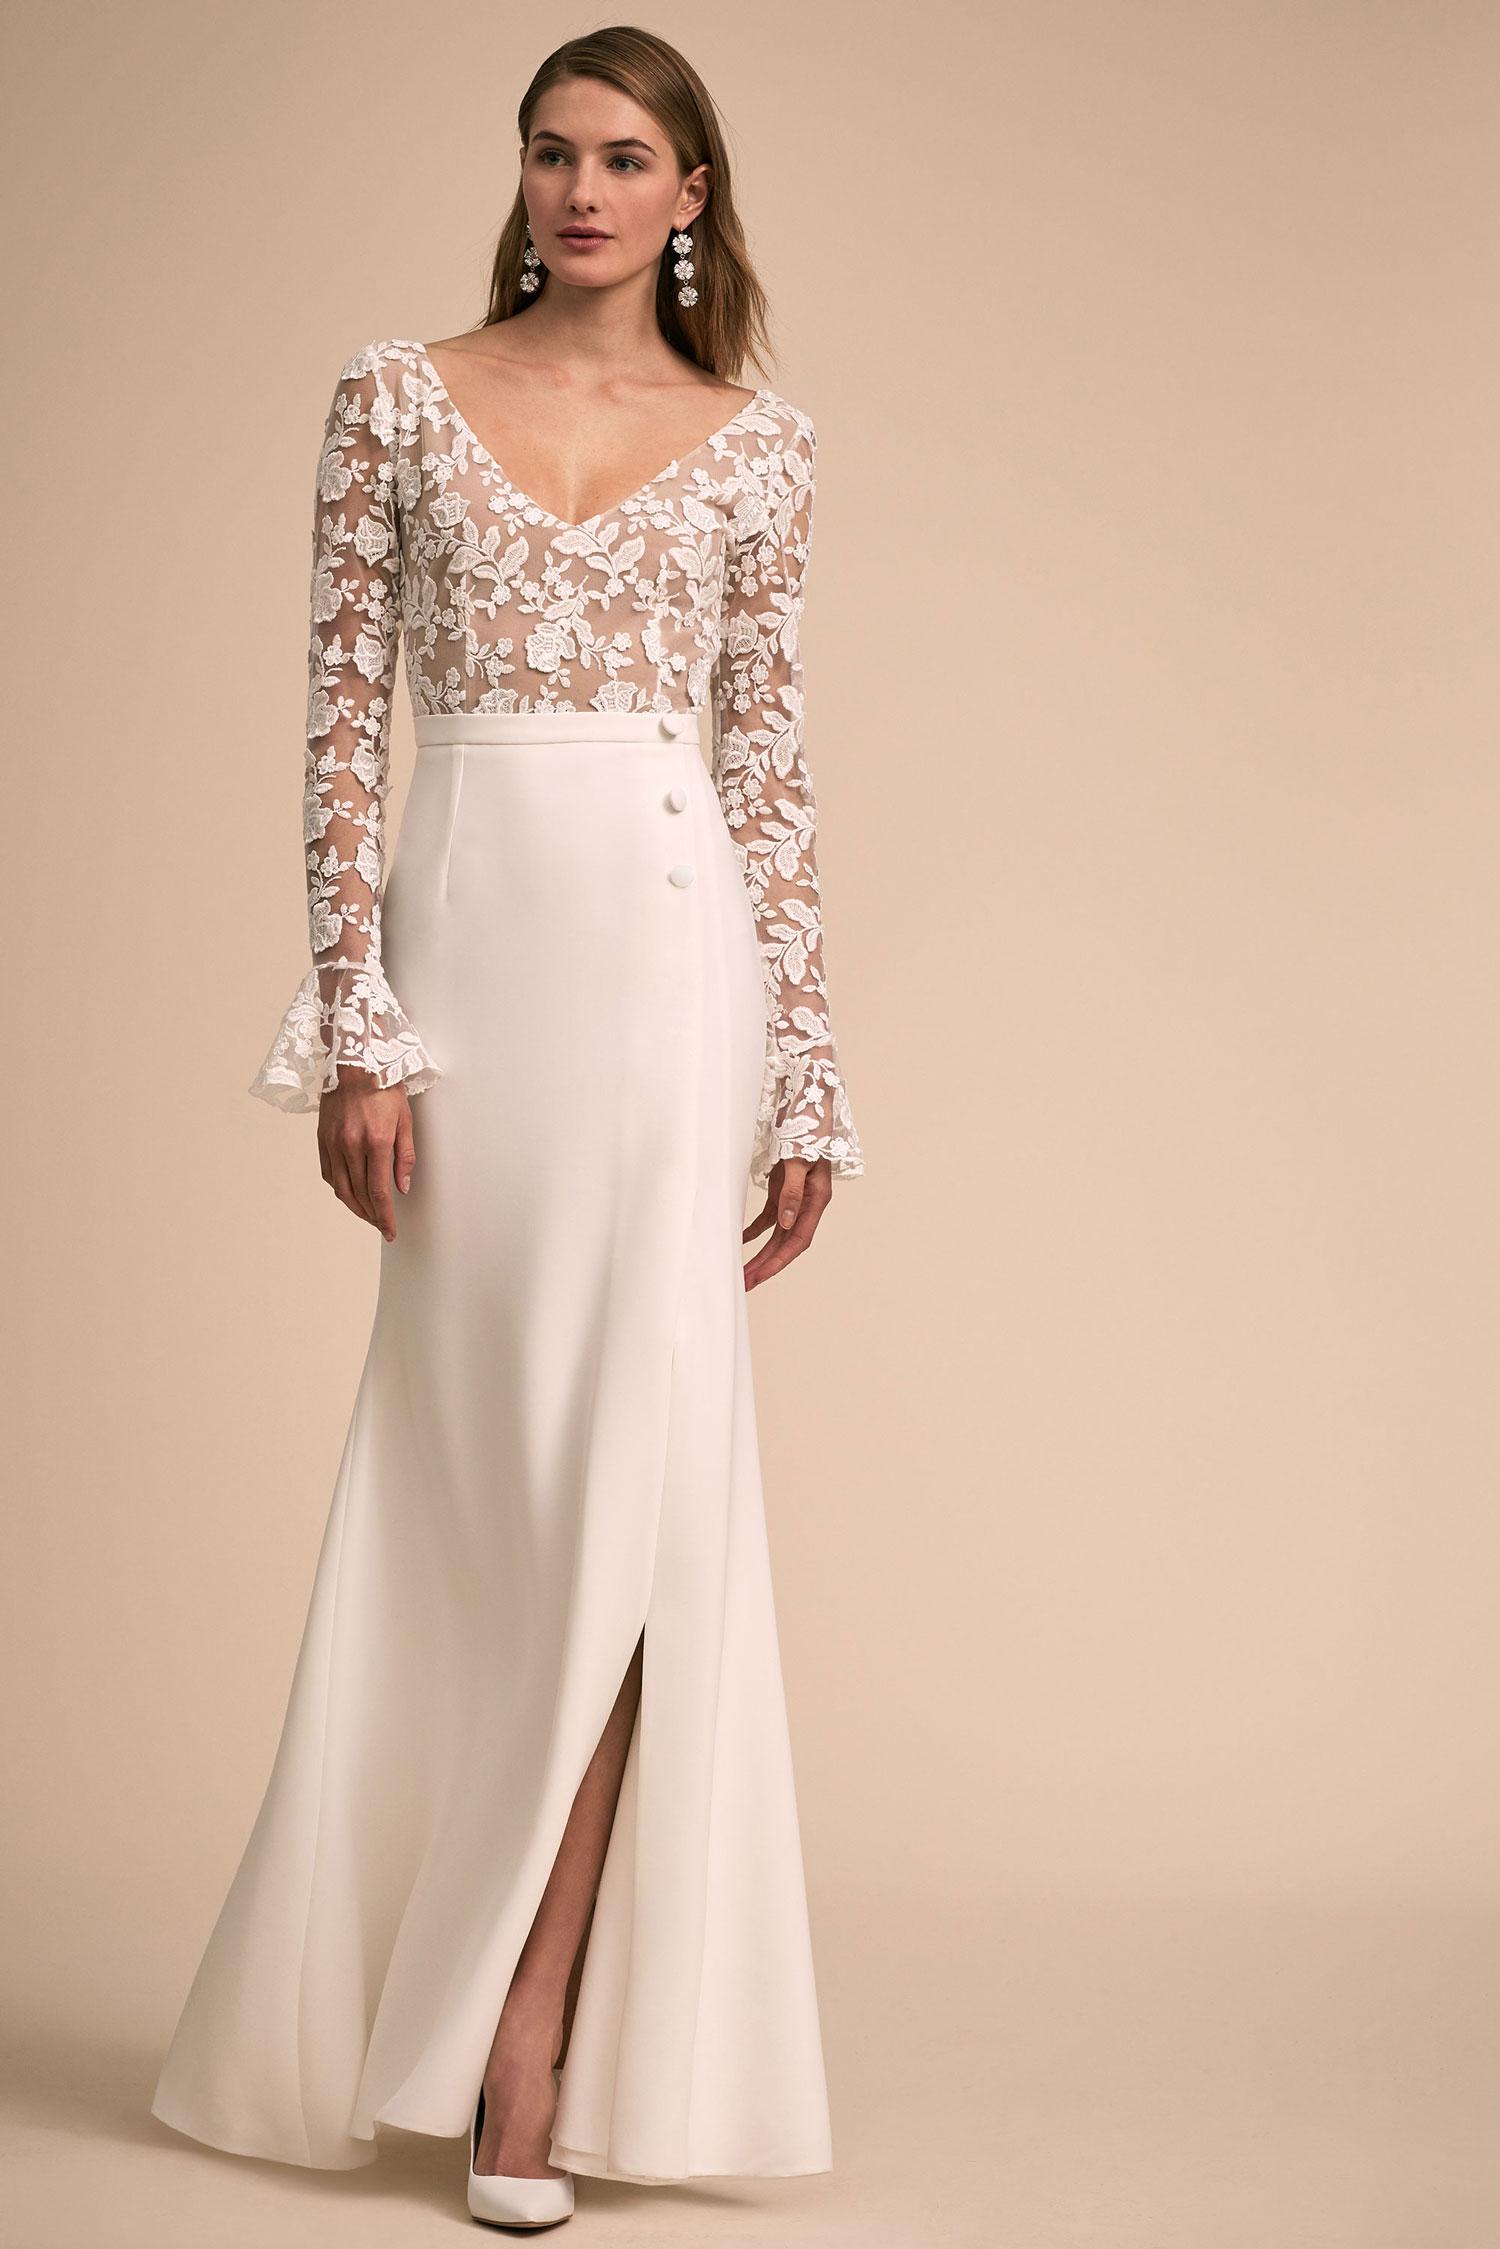 BHLDN The Designer Collective Haley by Rime Arodaky long sleeve lace bodice sleek skirt